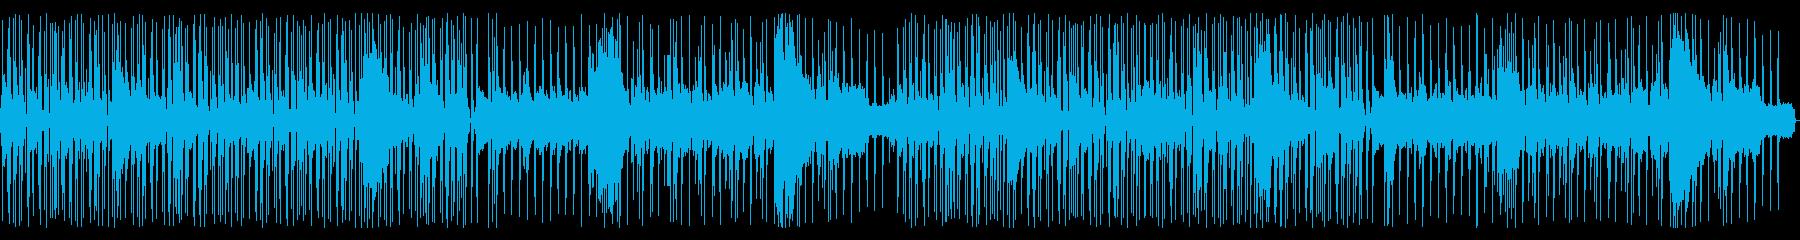 【ベース抜き】ロック✕和風 疾走感の再生済みの波形